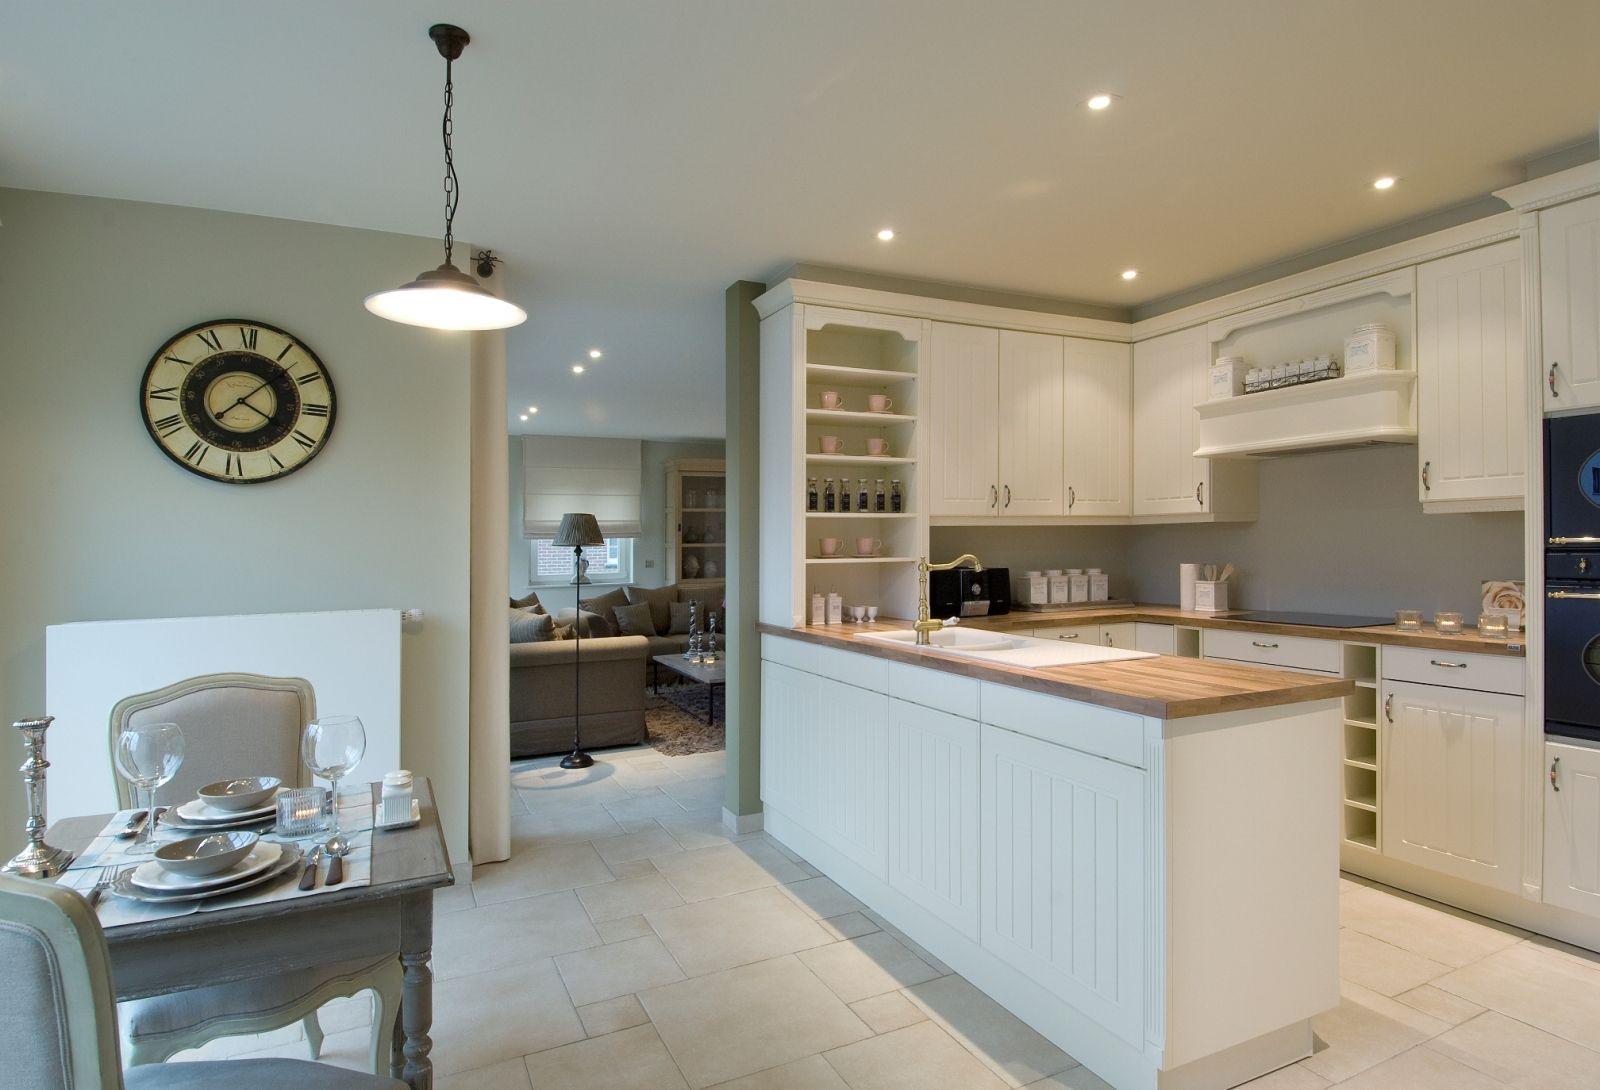 Keuken verbouwen planning - Huis decoratie voorbeeld ...